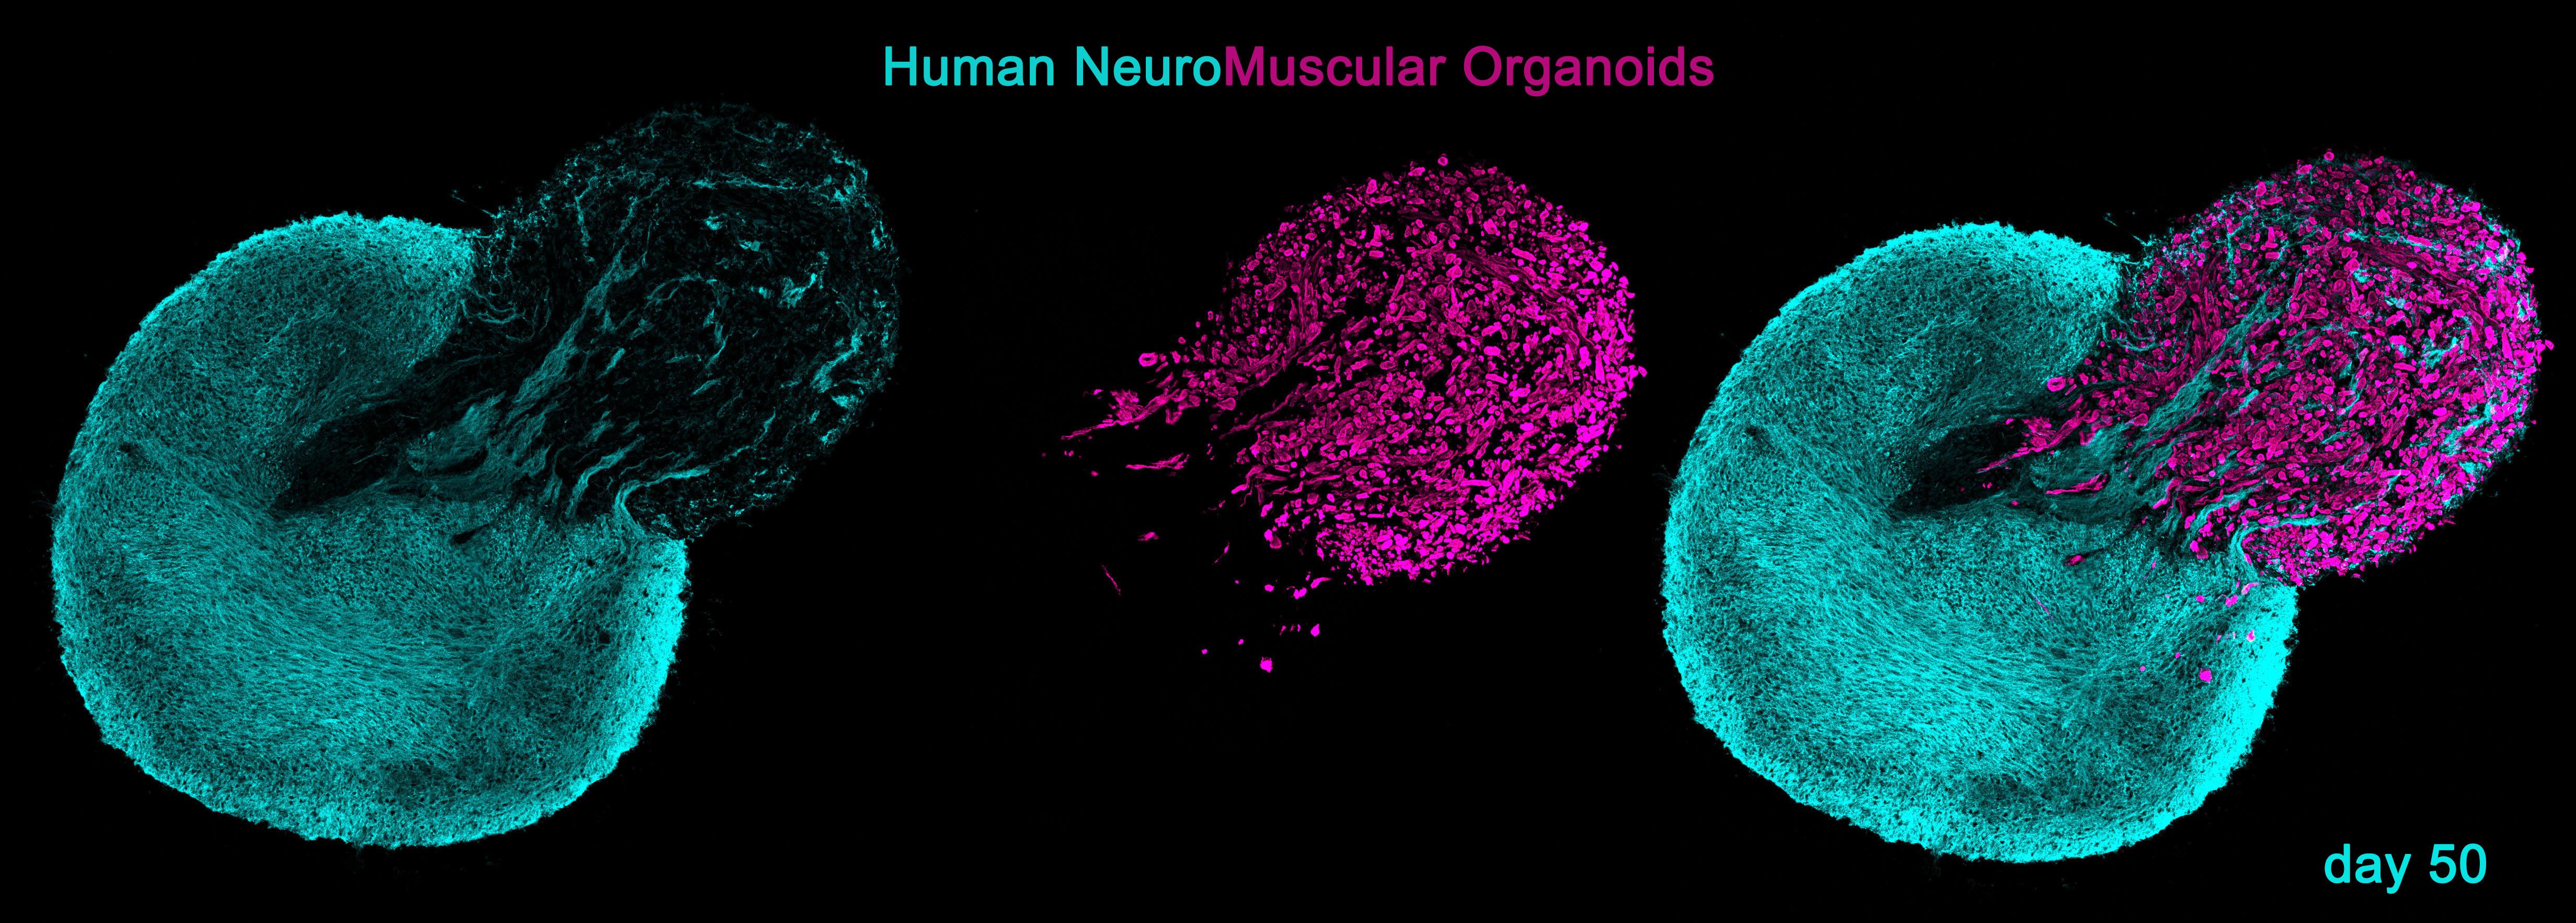 Neuromuscular Organoids